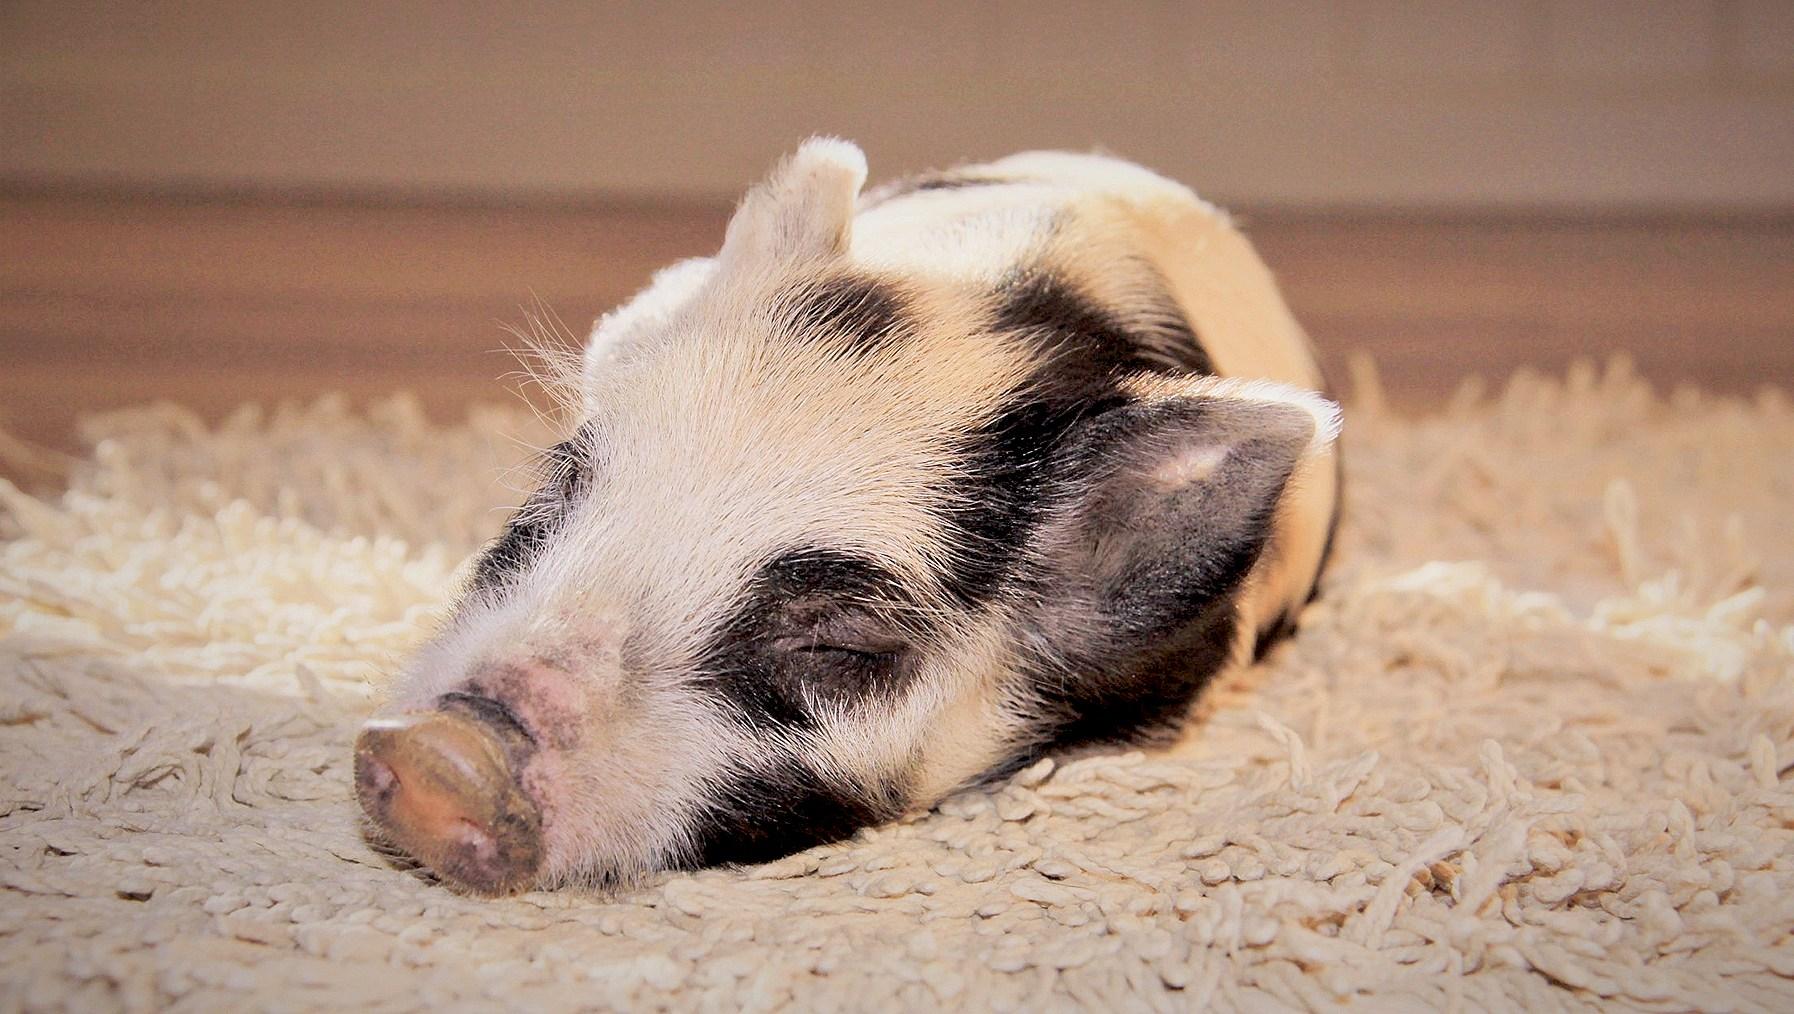 Dumplin-the-Pig